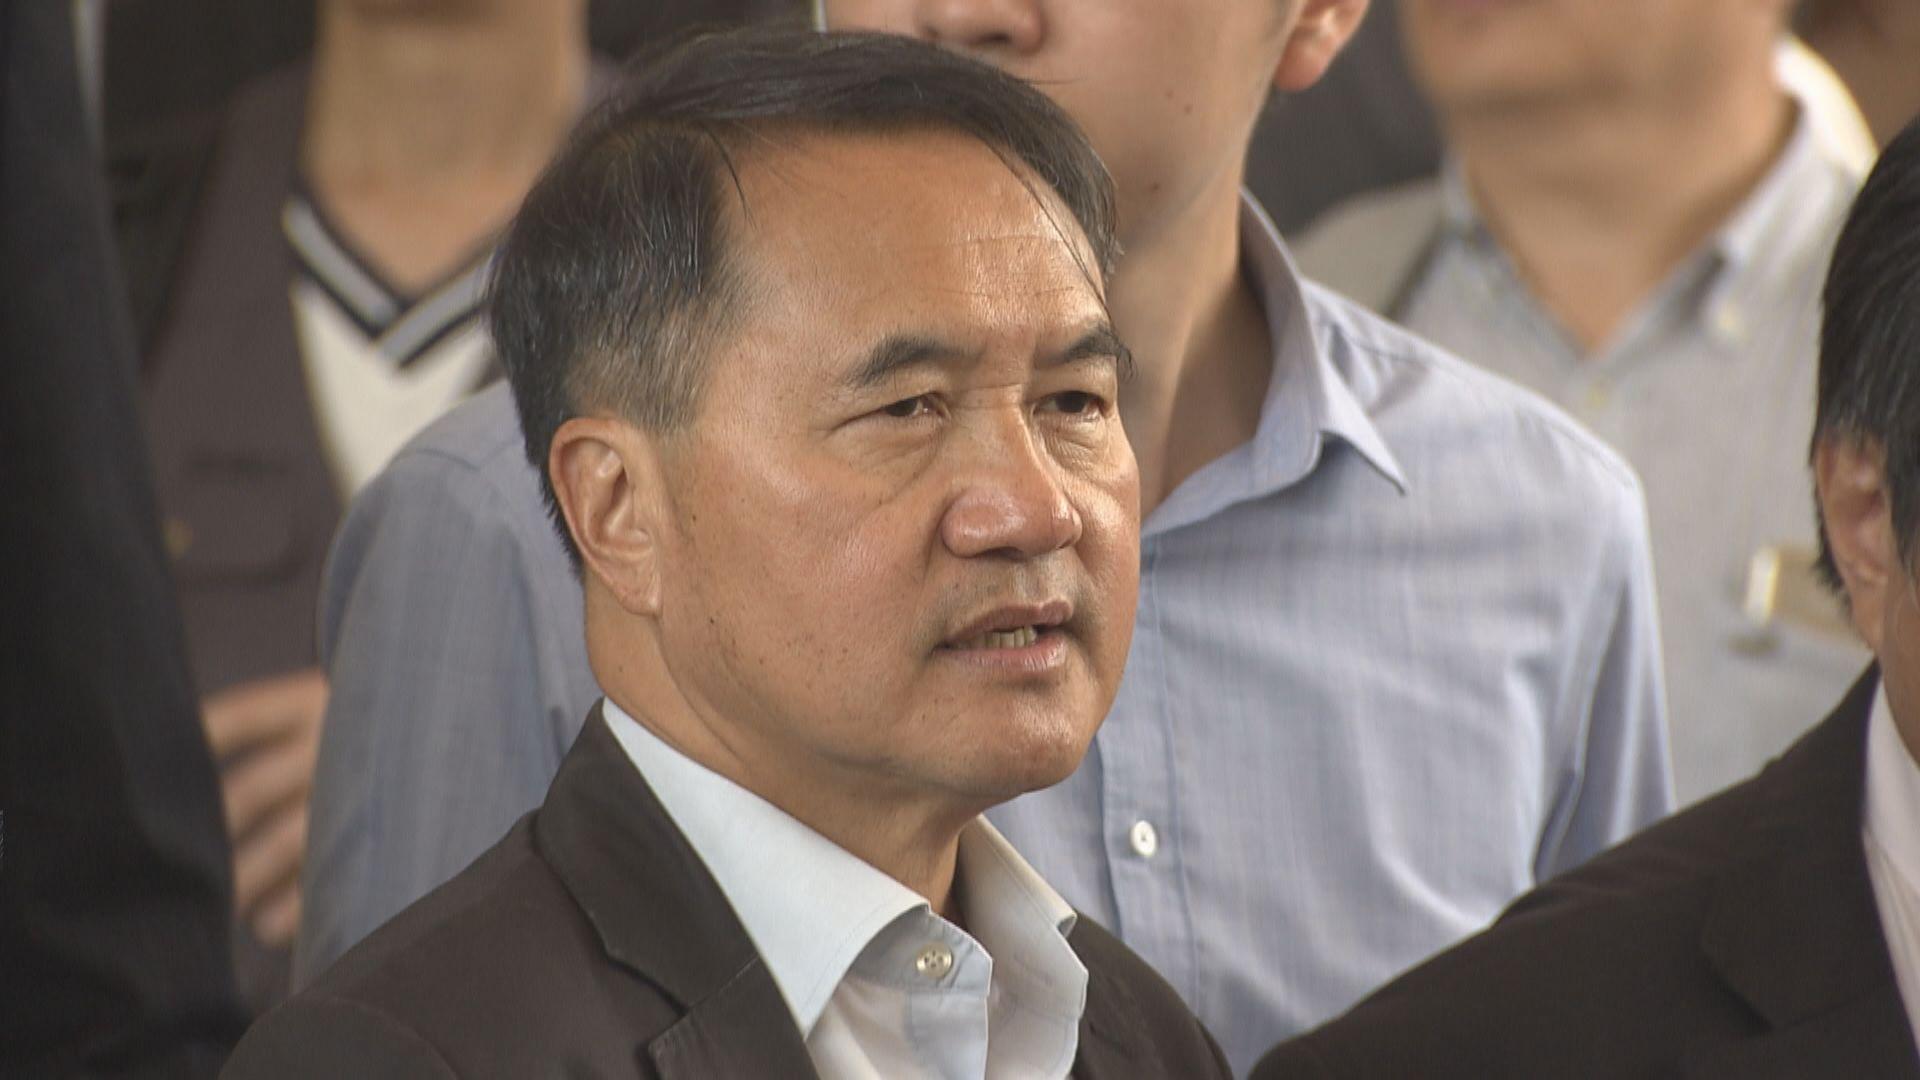 李永達當選民主黨副主席 冀穩定軍心